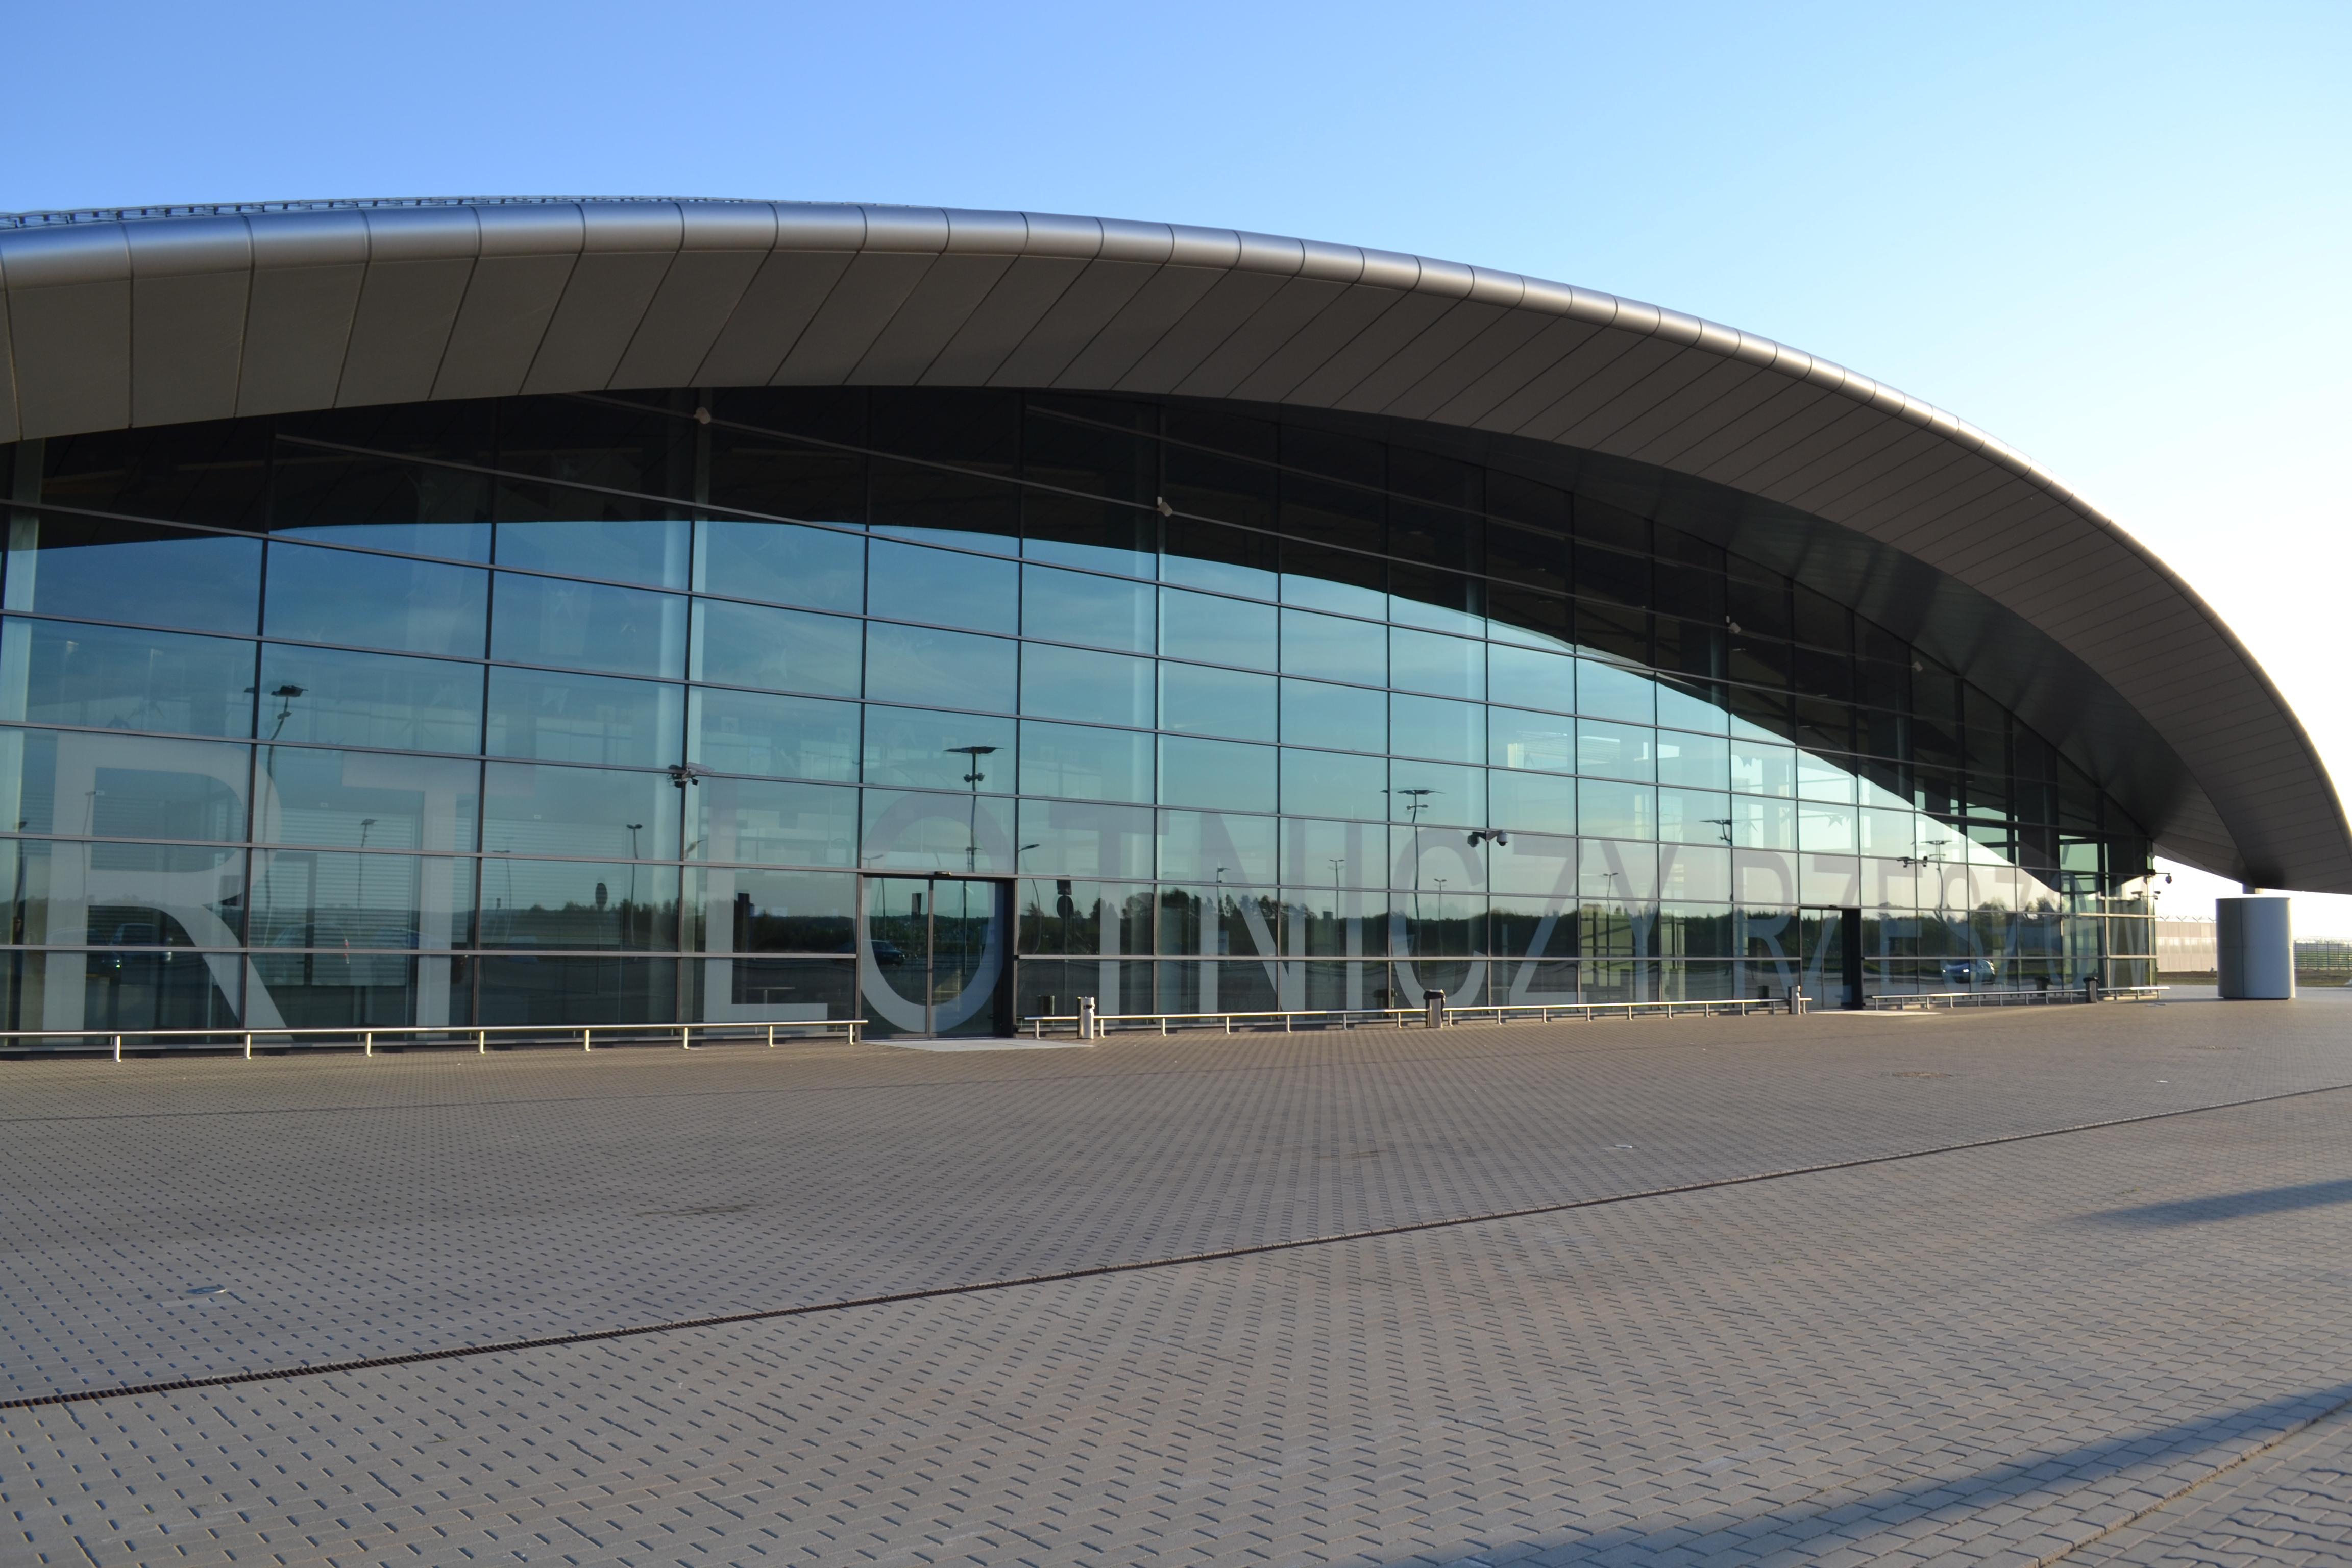 Aeropuerto de Rzeszów - Wikipedia, la enciclopedia libre